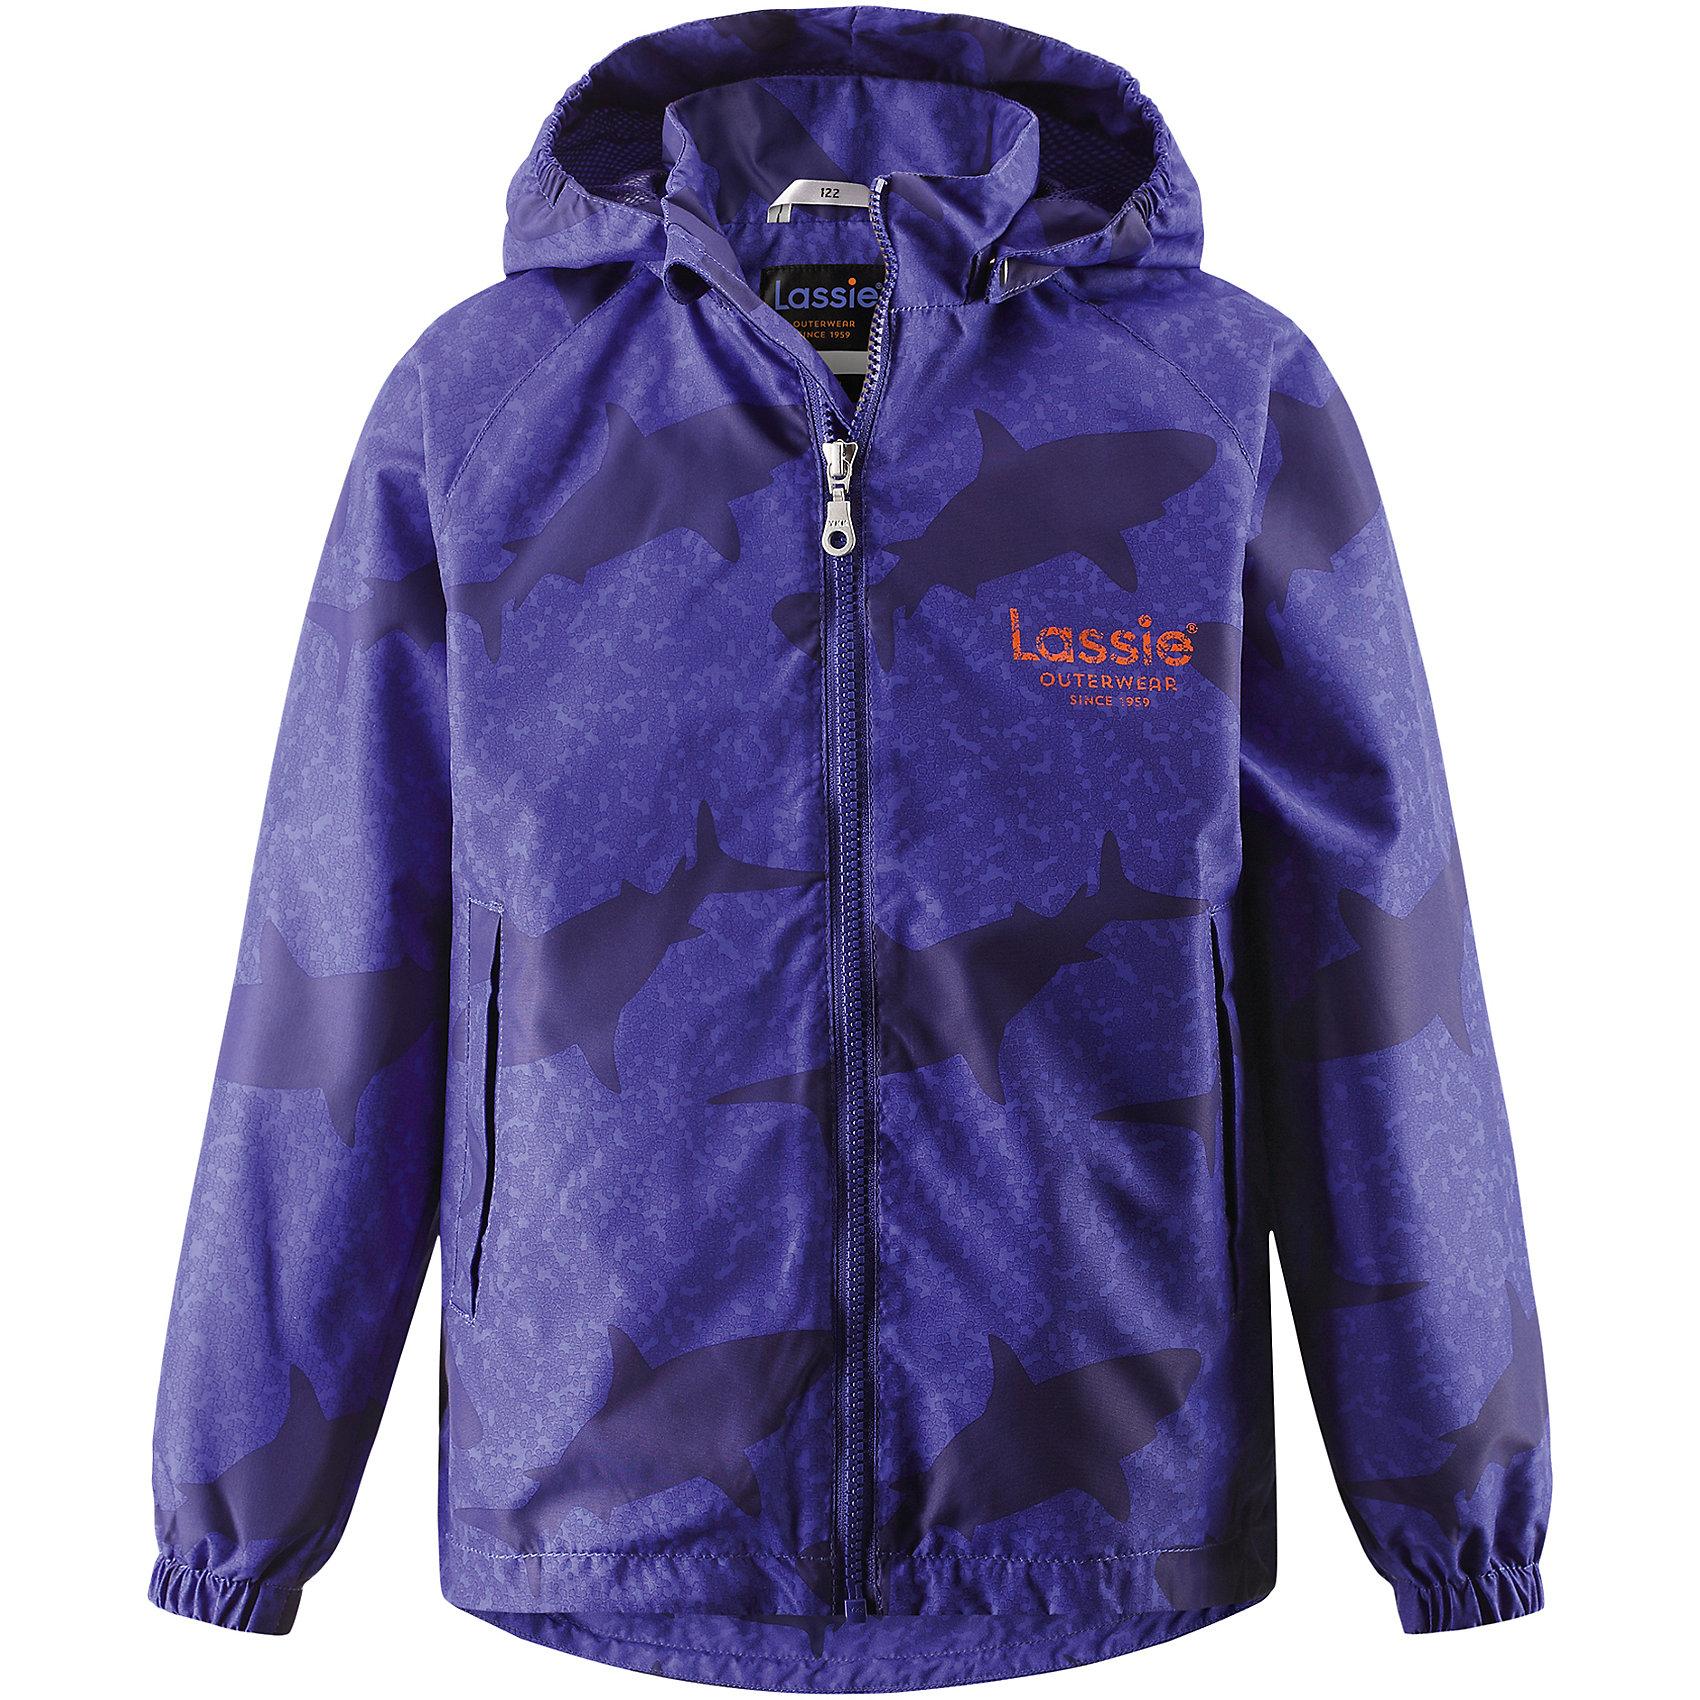 Куртка для мальчика LASSIEОдежда<br>Курткадля мальчика LASSIE<br>Состав:<br>100% Полиэстер, полиуретановое покрытие<br> Куртка для детей<br> Водоотталкивающий, ветронепроницаемый и «дышащий» материал<br> Подкладка из mesh-сетки<br> Безопасный, съемный капюшон<br> Эластичные манжеты<br> Регулируемый подол<br> Два прорезных кармана<br><br>Ширина мм: 356<br>Глубина мм: 10<br>Высота мм: 245<br>Вес г: 519<br>Цвет: синий<br>Возраст от месяцев: 48<br>Возраст до месяцев: 60<br>Пол: Мужской<br>Возраст: Детский<br>Размер: 110,128,140,104,98,116,122,134,92<br>SKU: 5264515